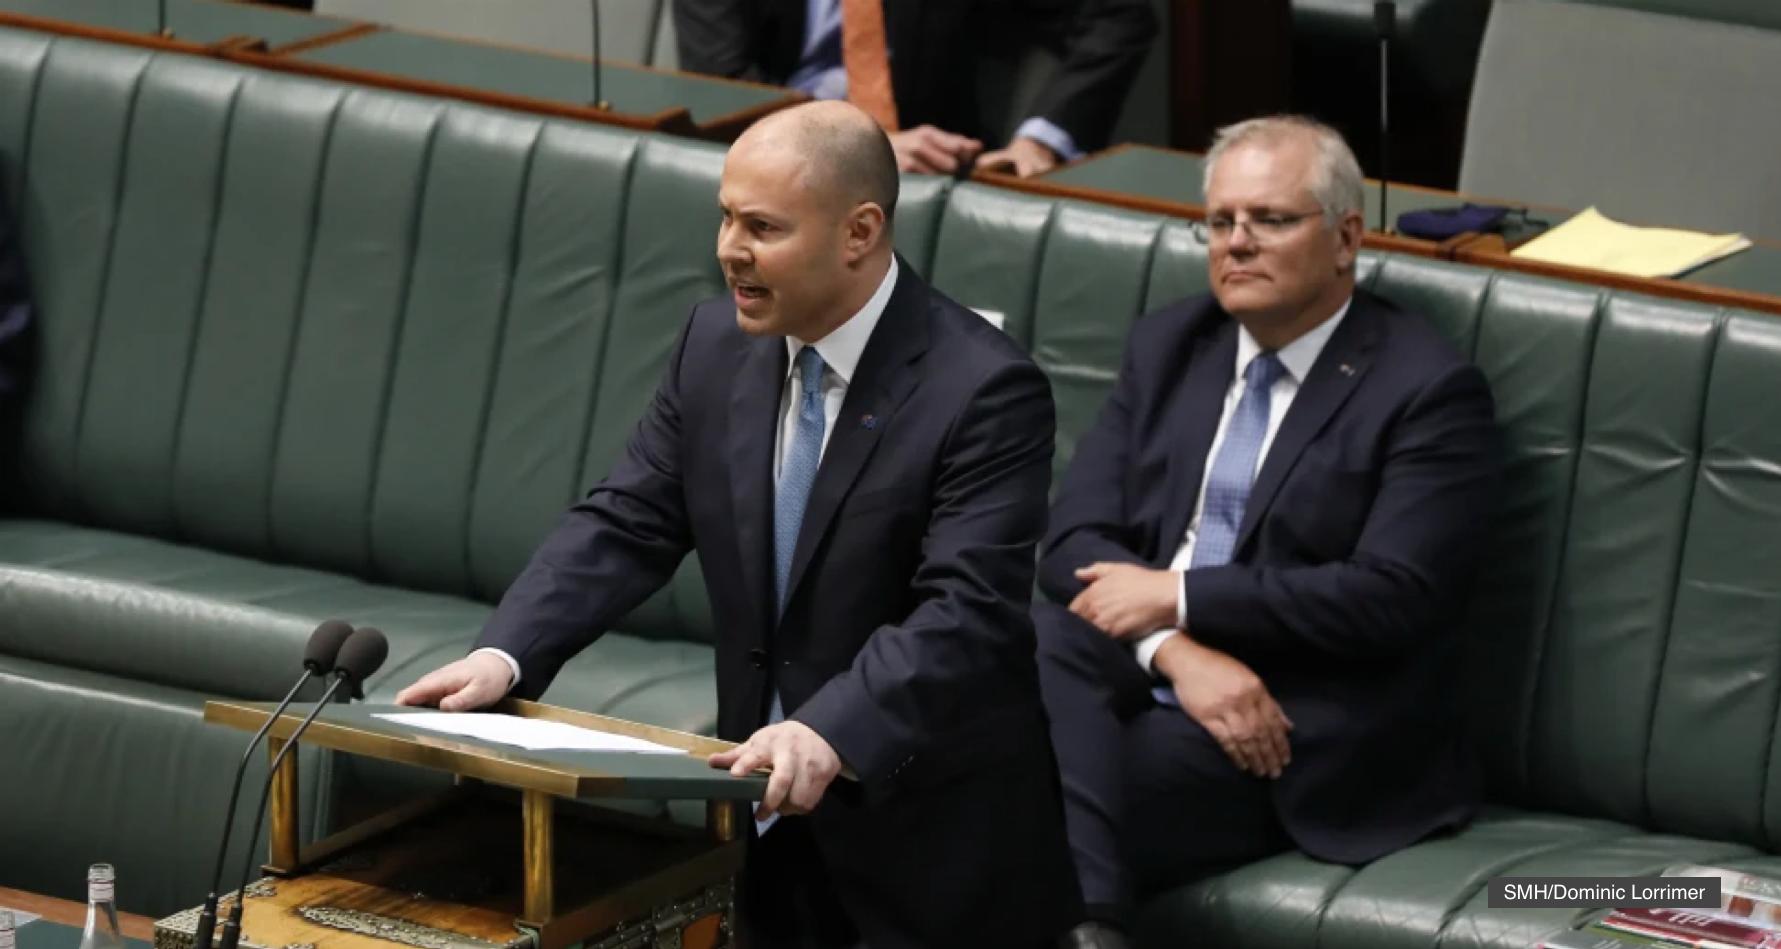 Government Announces Budget Surplus Of Negative $161 Billion